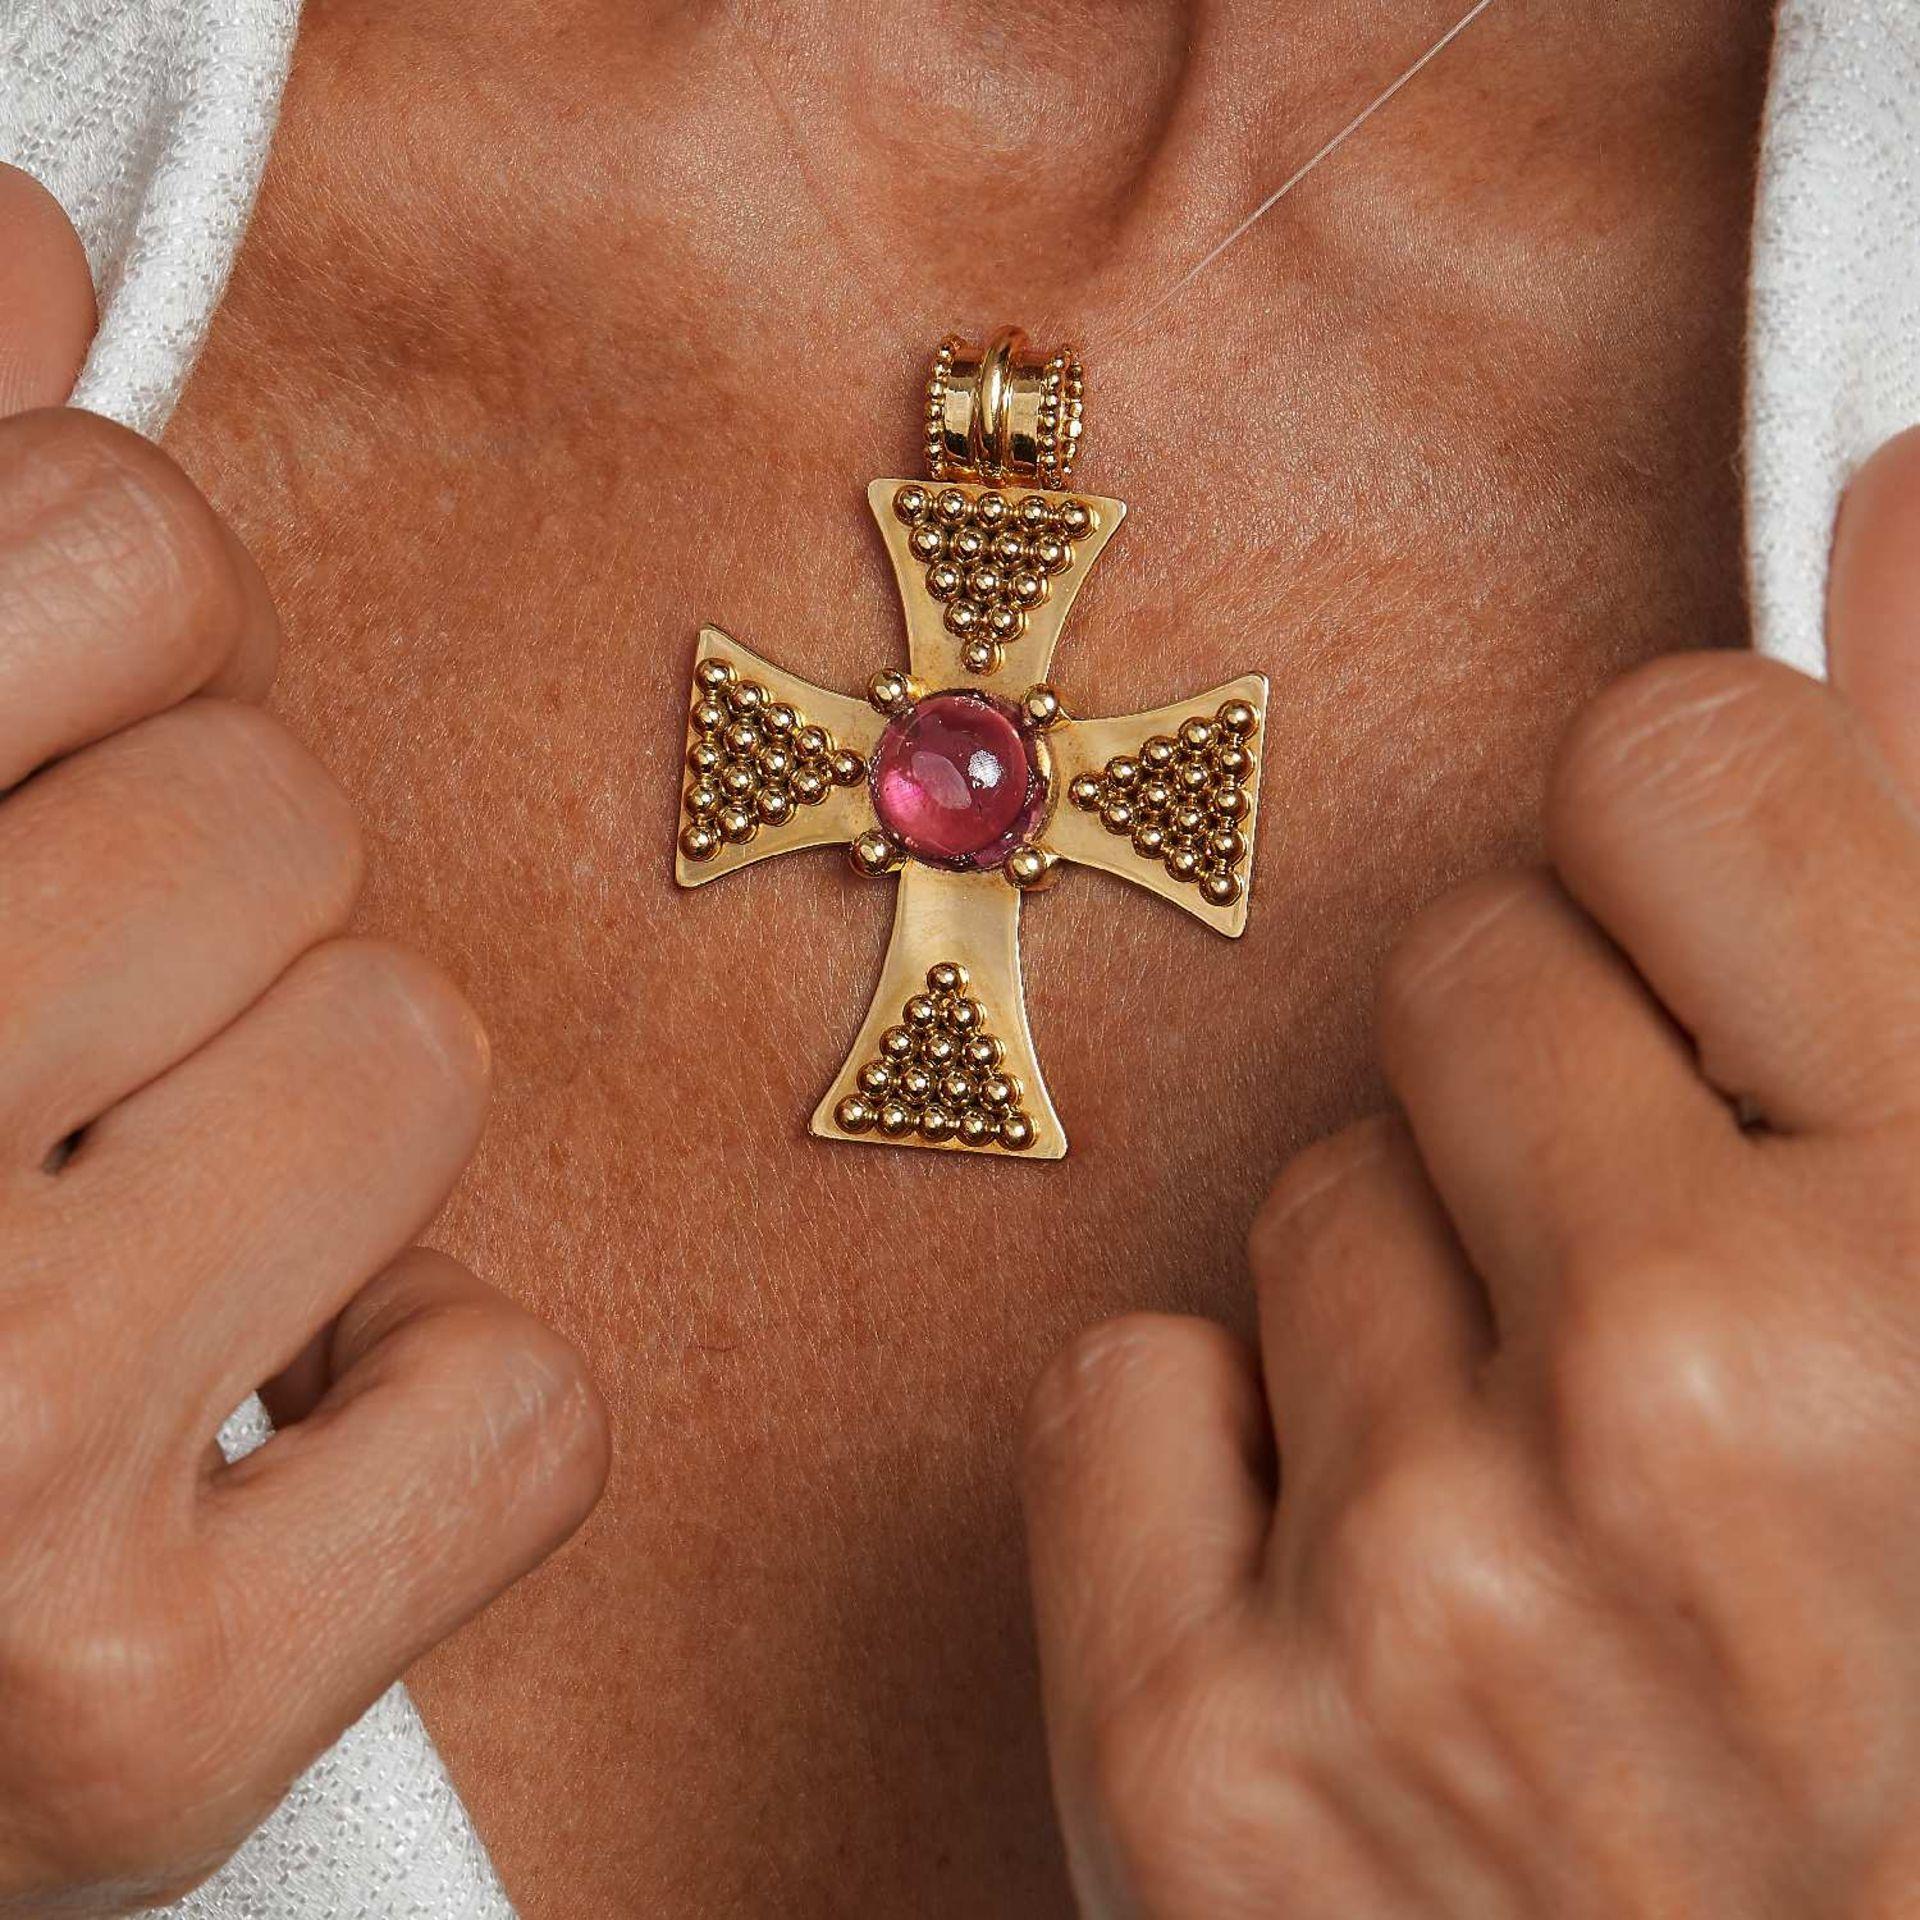 CHANEL PENDENTIF CROIX Il est en or jaune 18K orné de boule d'or et d'une tourmaline rose cabochon